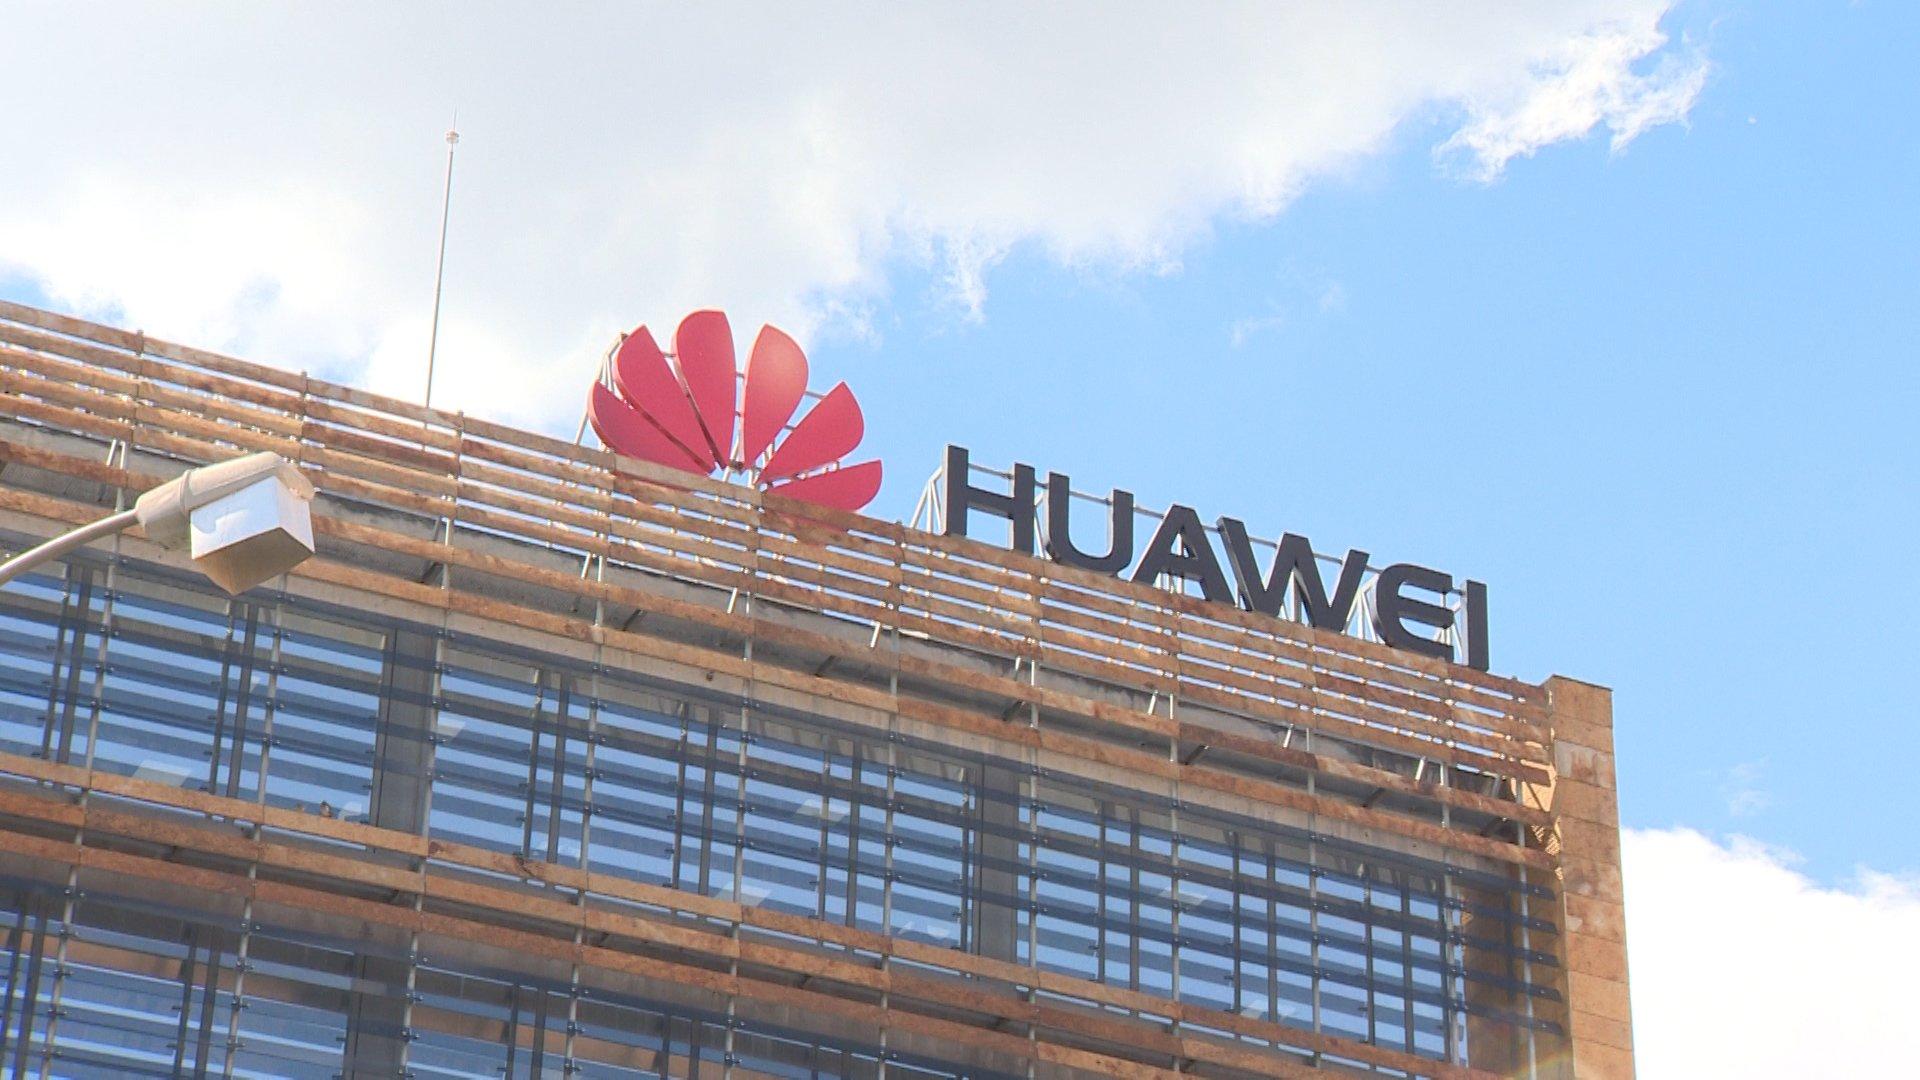 La justicia de EEUU lanza nuevas acusaciones contra Huawei: robo de secretos industriales y esquivar las sanciones contra Corea del Norte